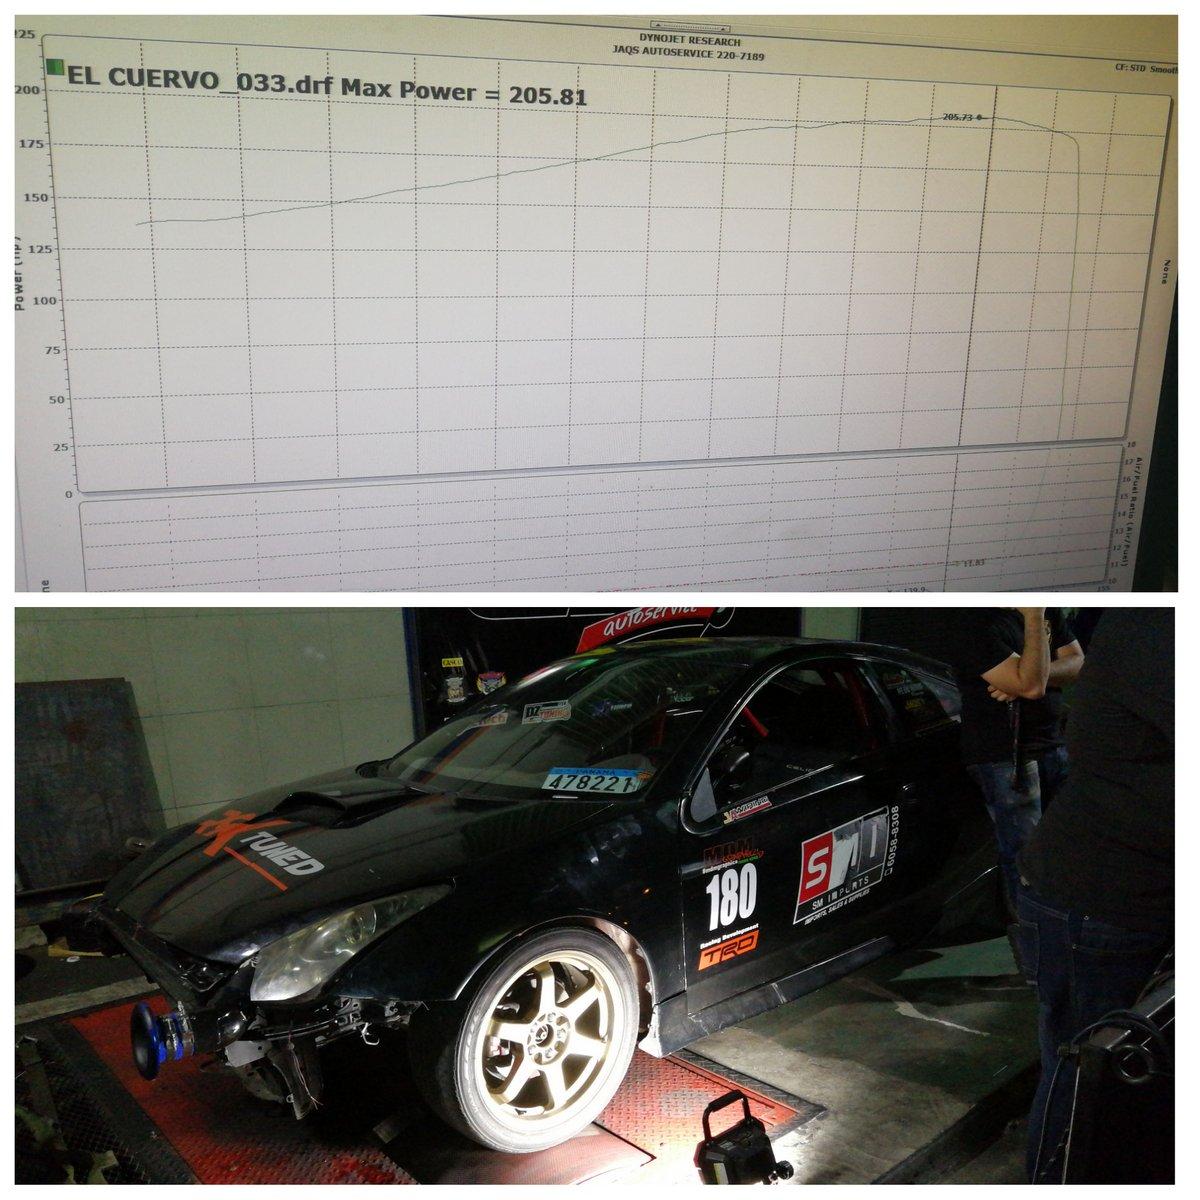 Toyota Celica Dyno Graph Results